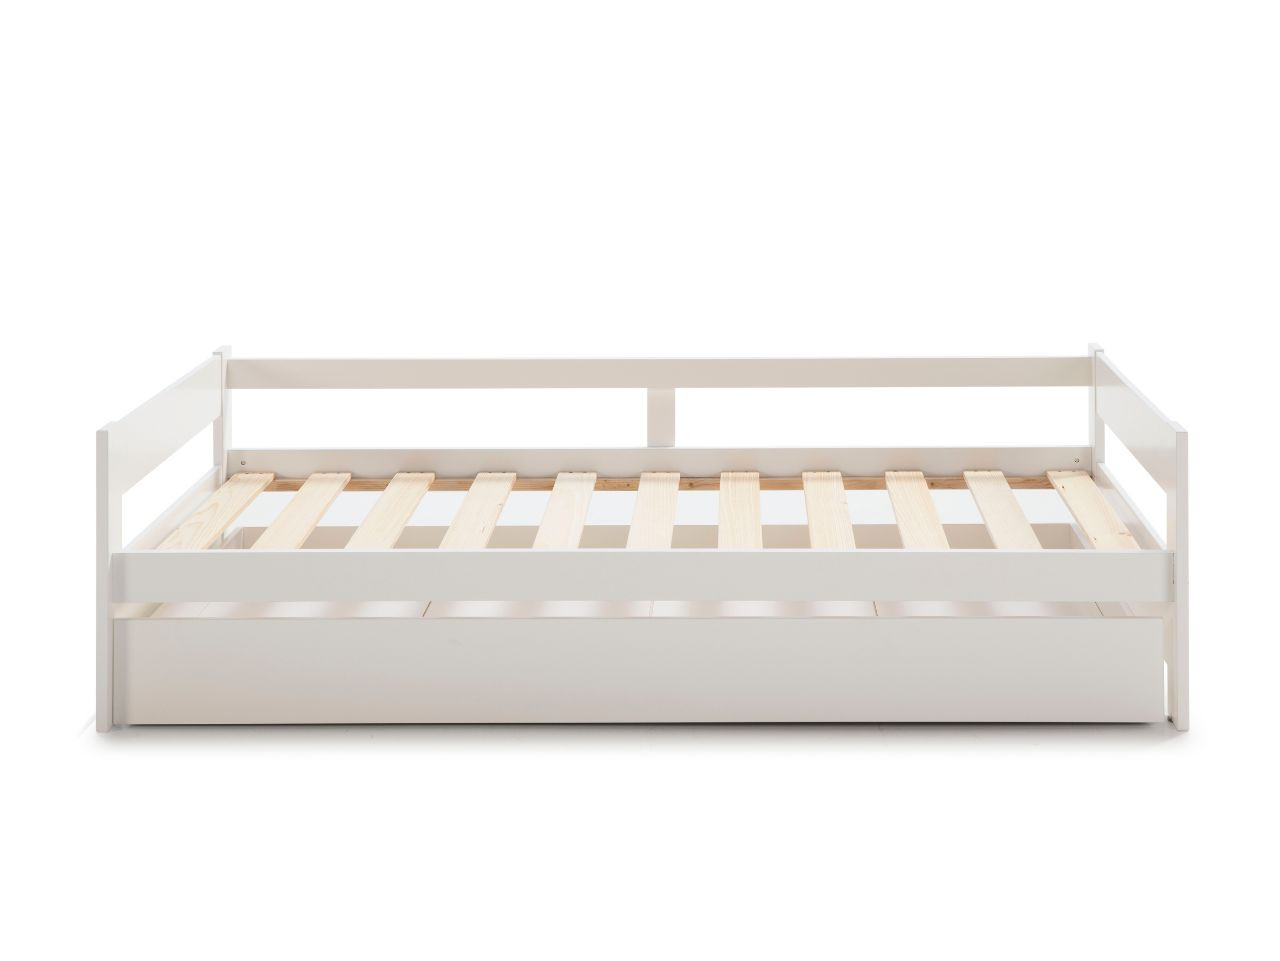 Sofas comprar portugal - Comprar sofa cama madrid ...